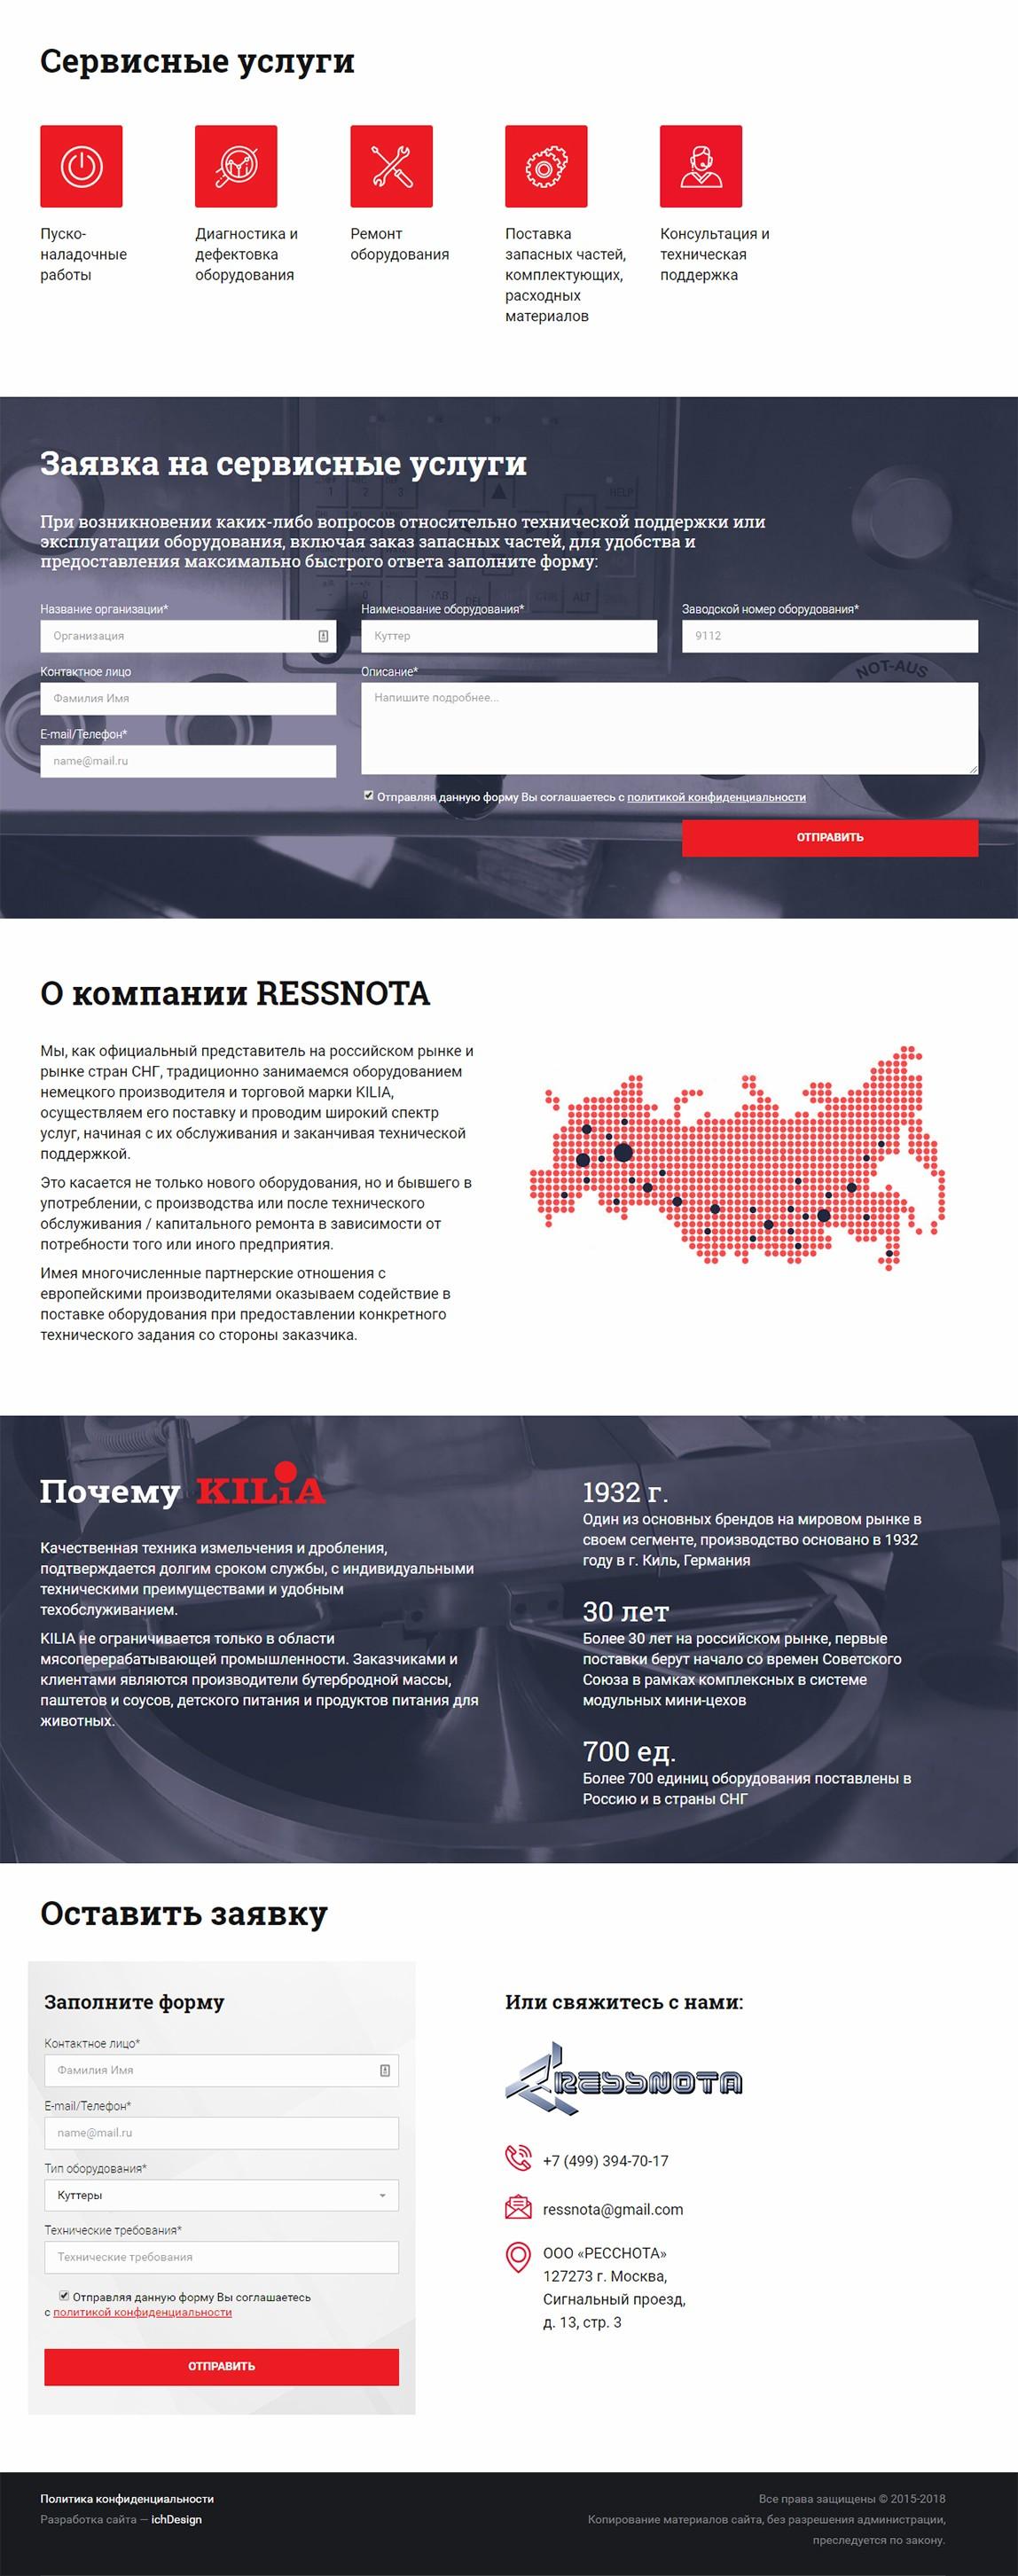 Кейс: Сайт визитка для компании Ressnota